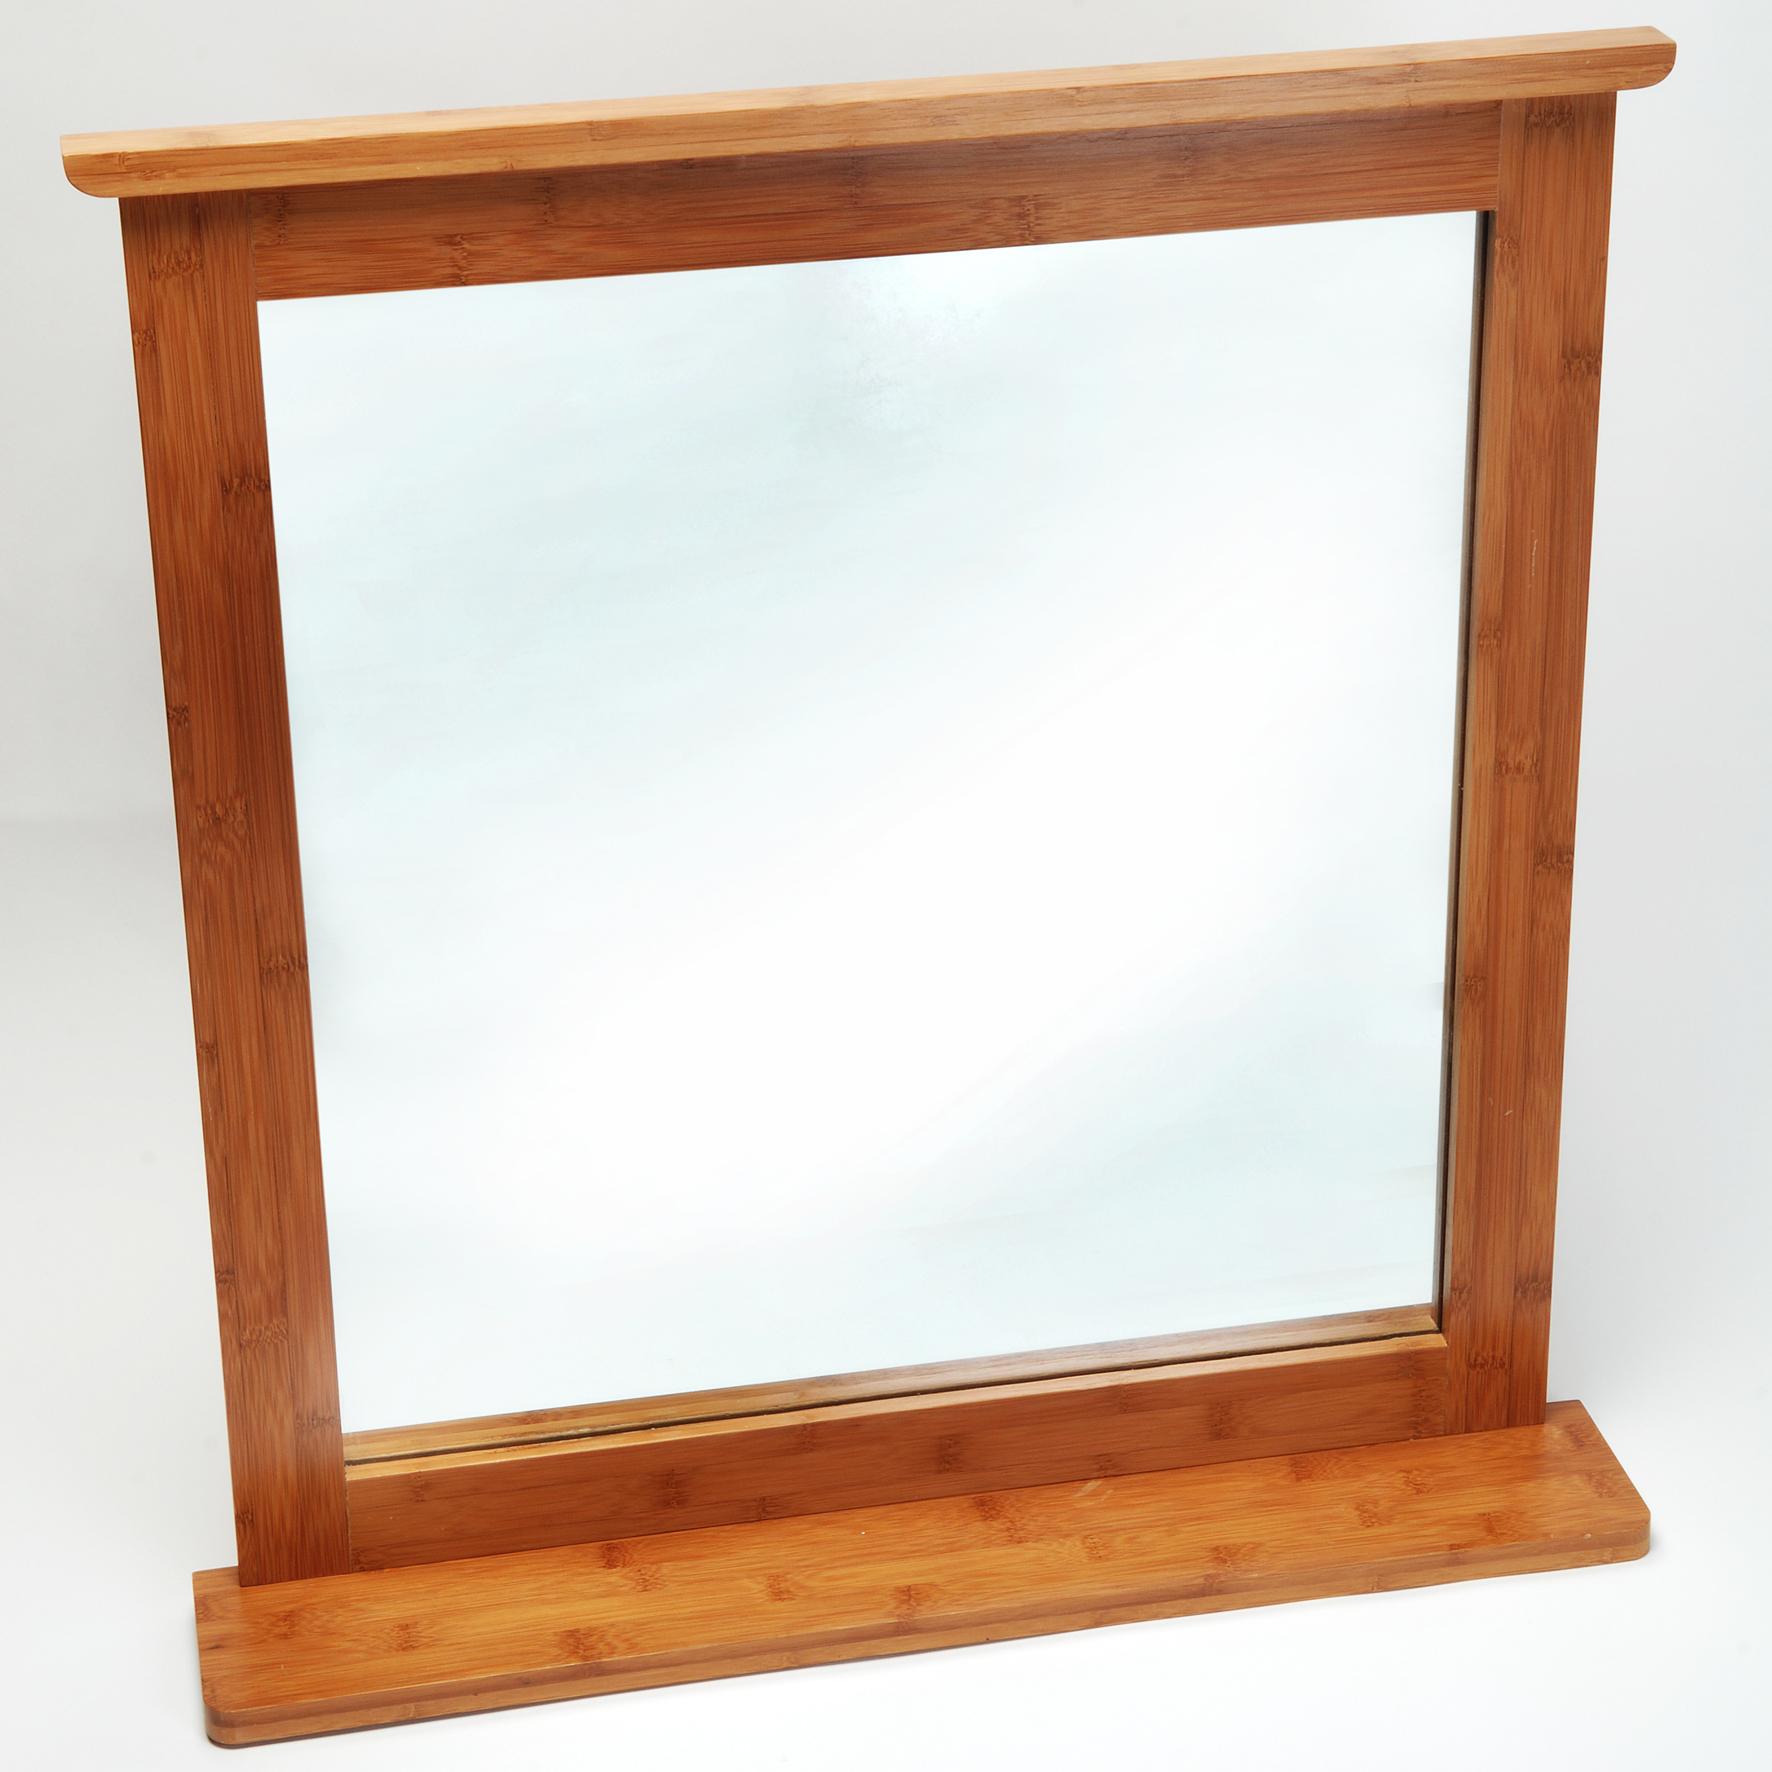 Spiegel bambus mit ablage spiegel derbaumarktshop der online shop von 50 baum rkten - Spiegel mit rollen ...